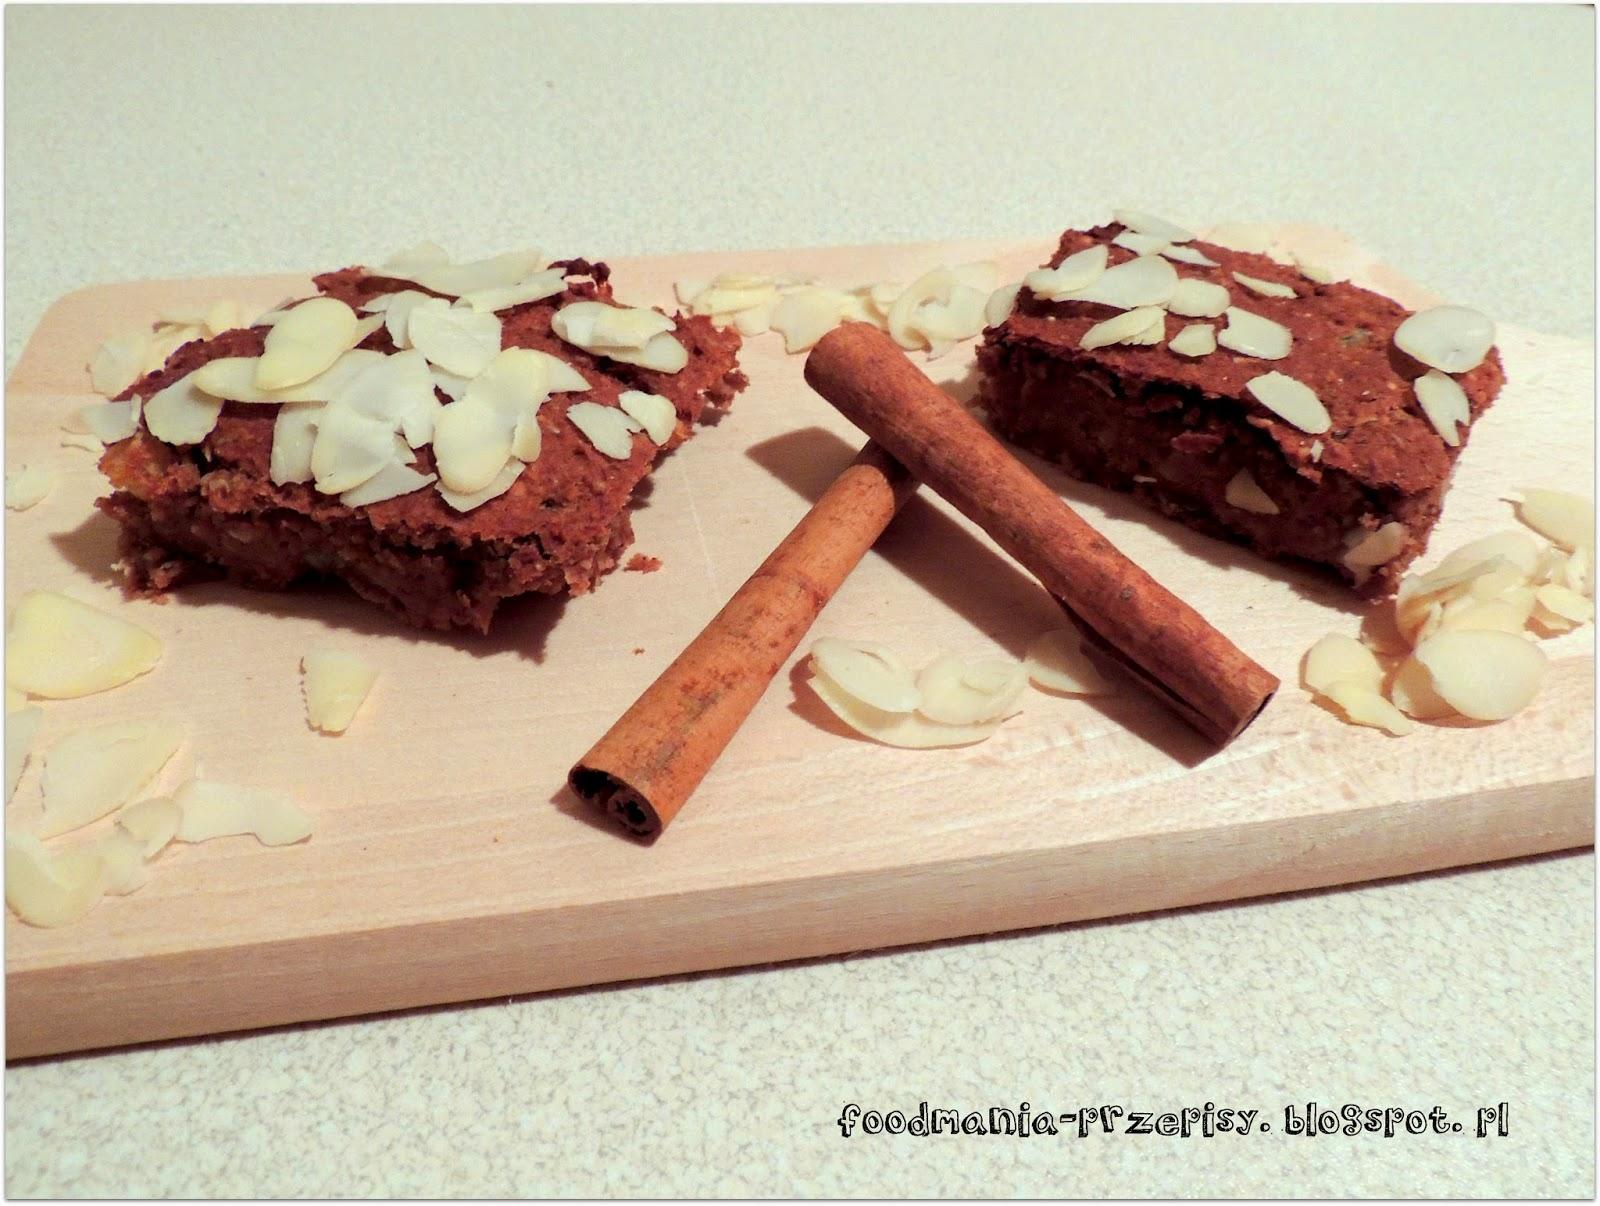 http://foodmania-przepisy.blogspot.com/2014/04/dietetyczna-krajanka-z-masem-orzechowym.html